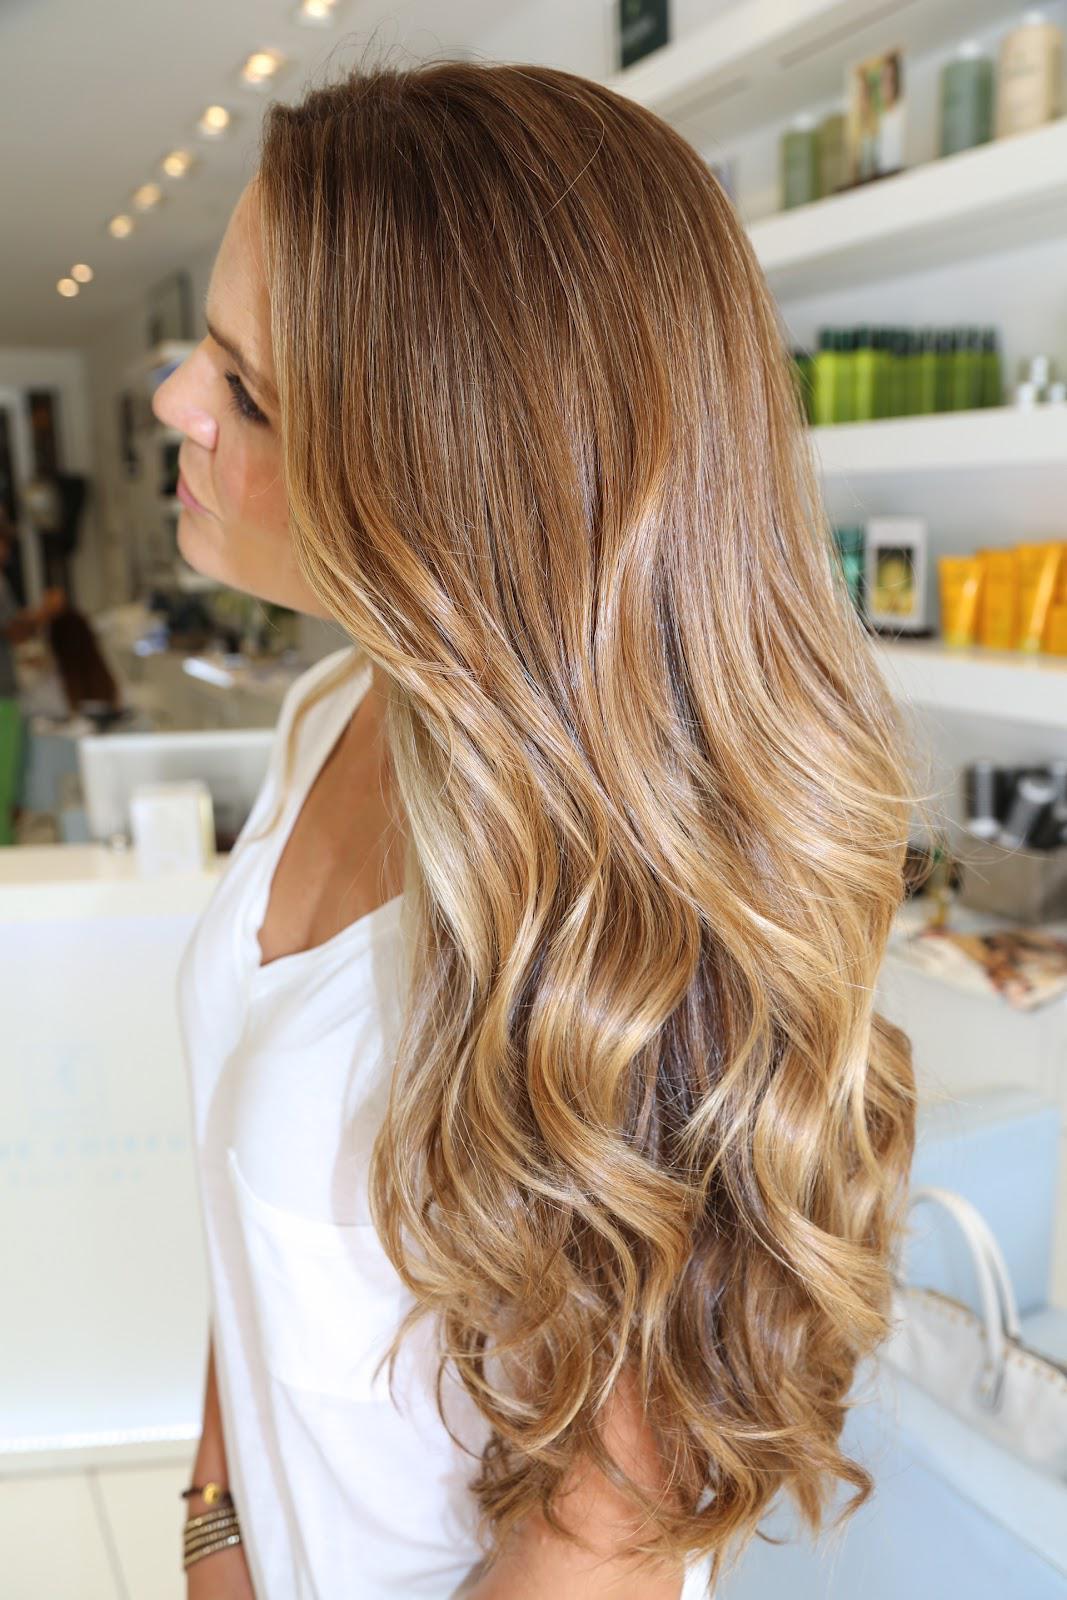 image23-44   Брондирование волос: описание, виды, техника выполнения для любой длины и цвета волос